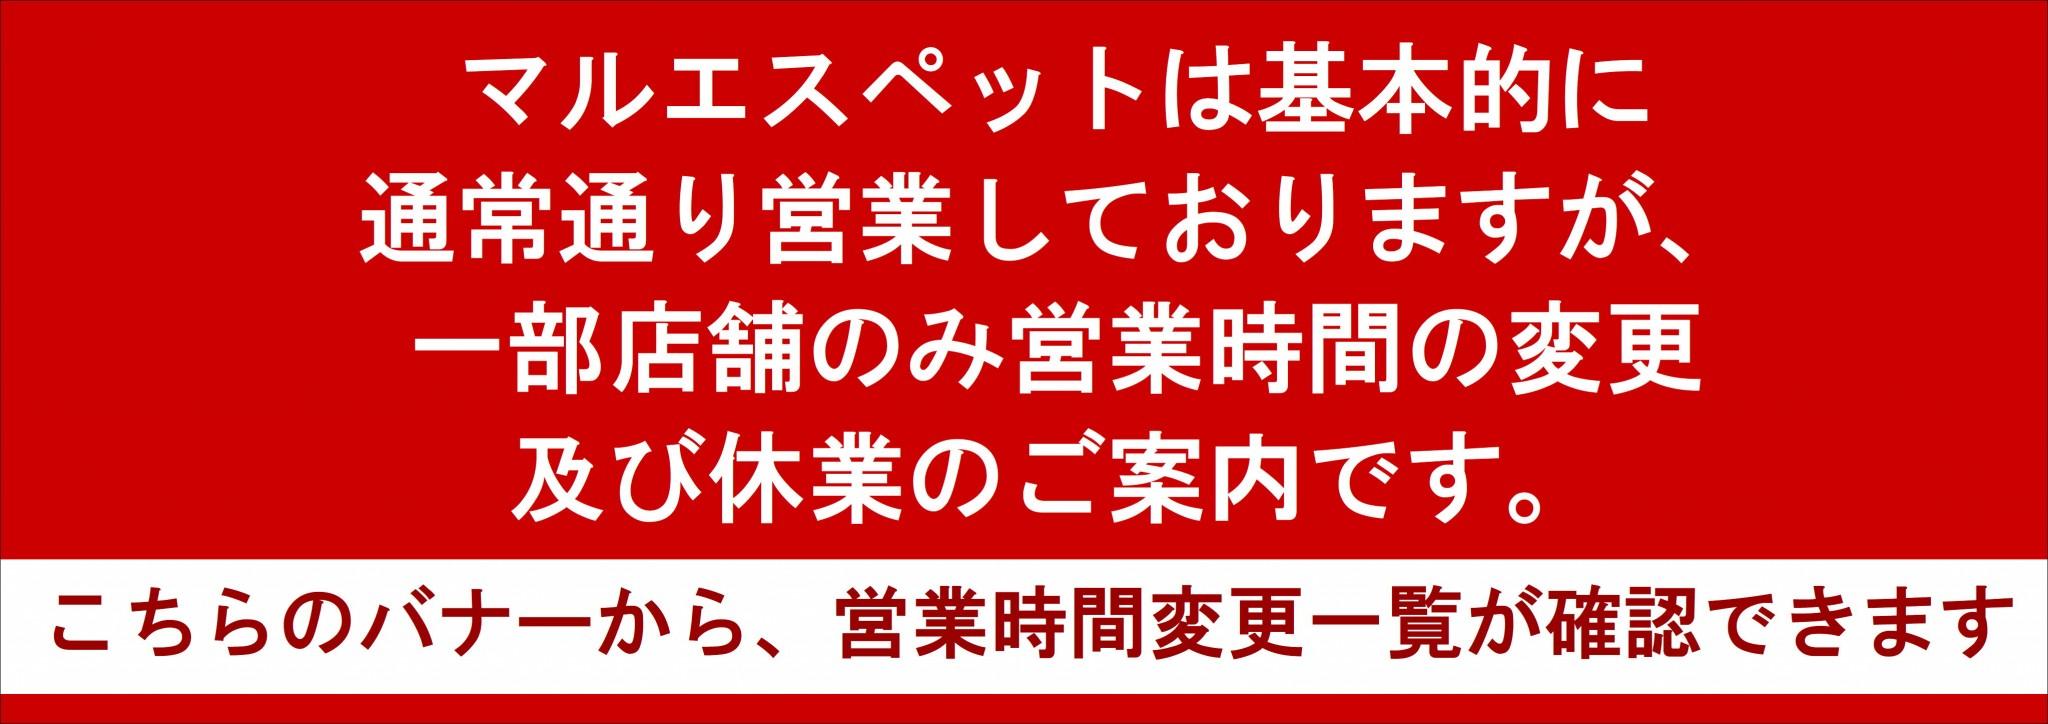 """""""営業時間変更案内バナー"""""""